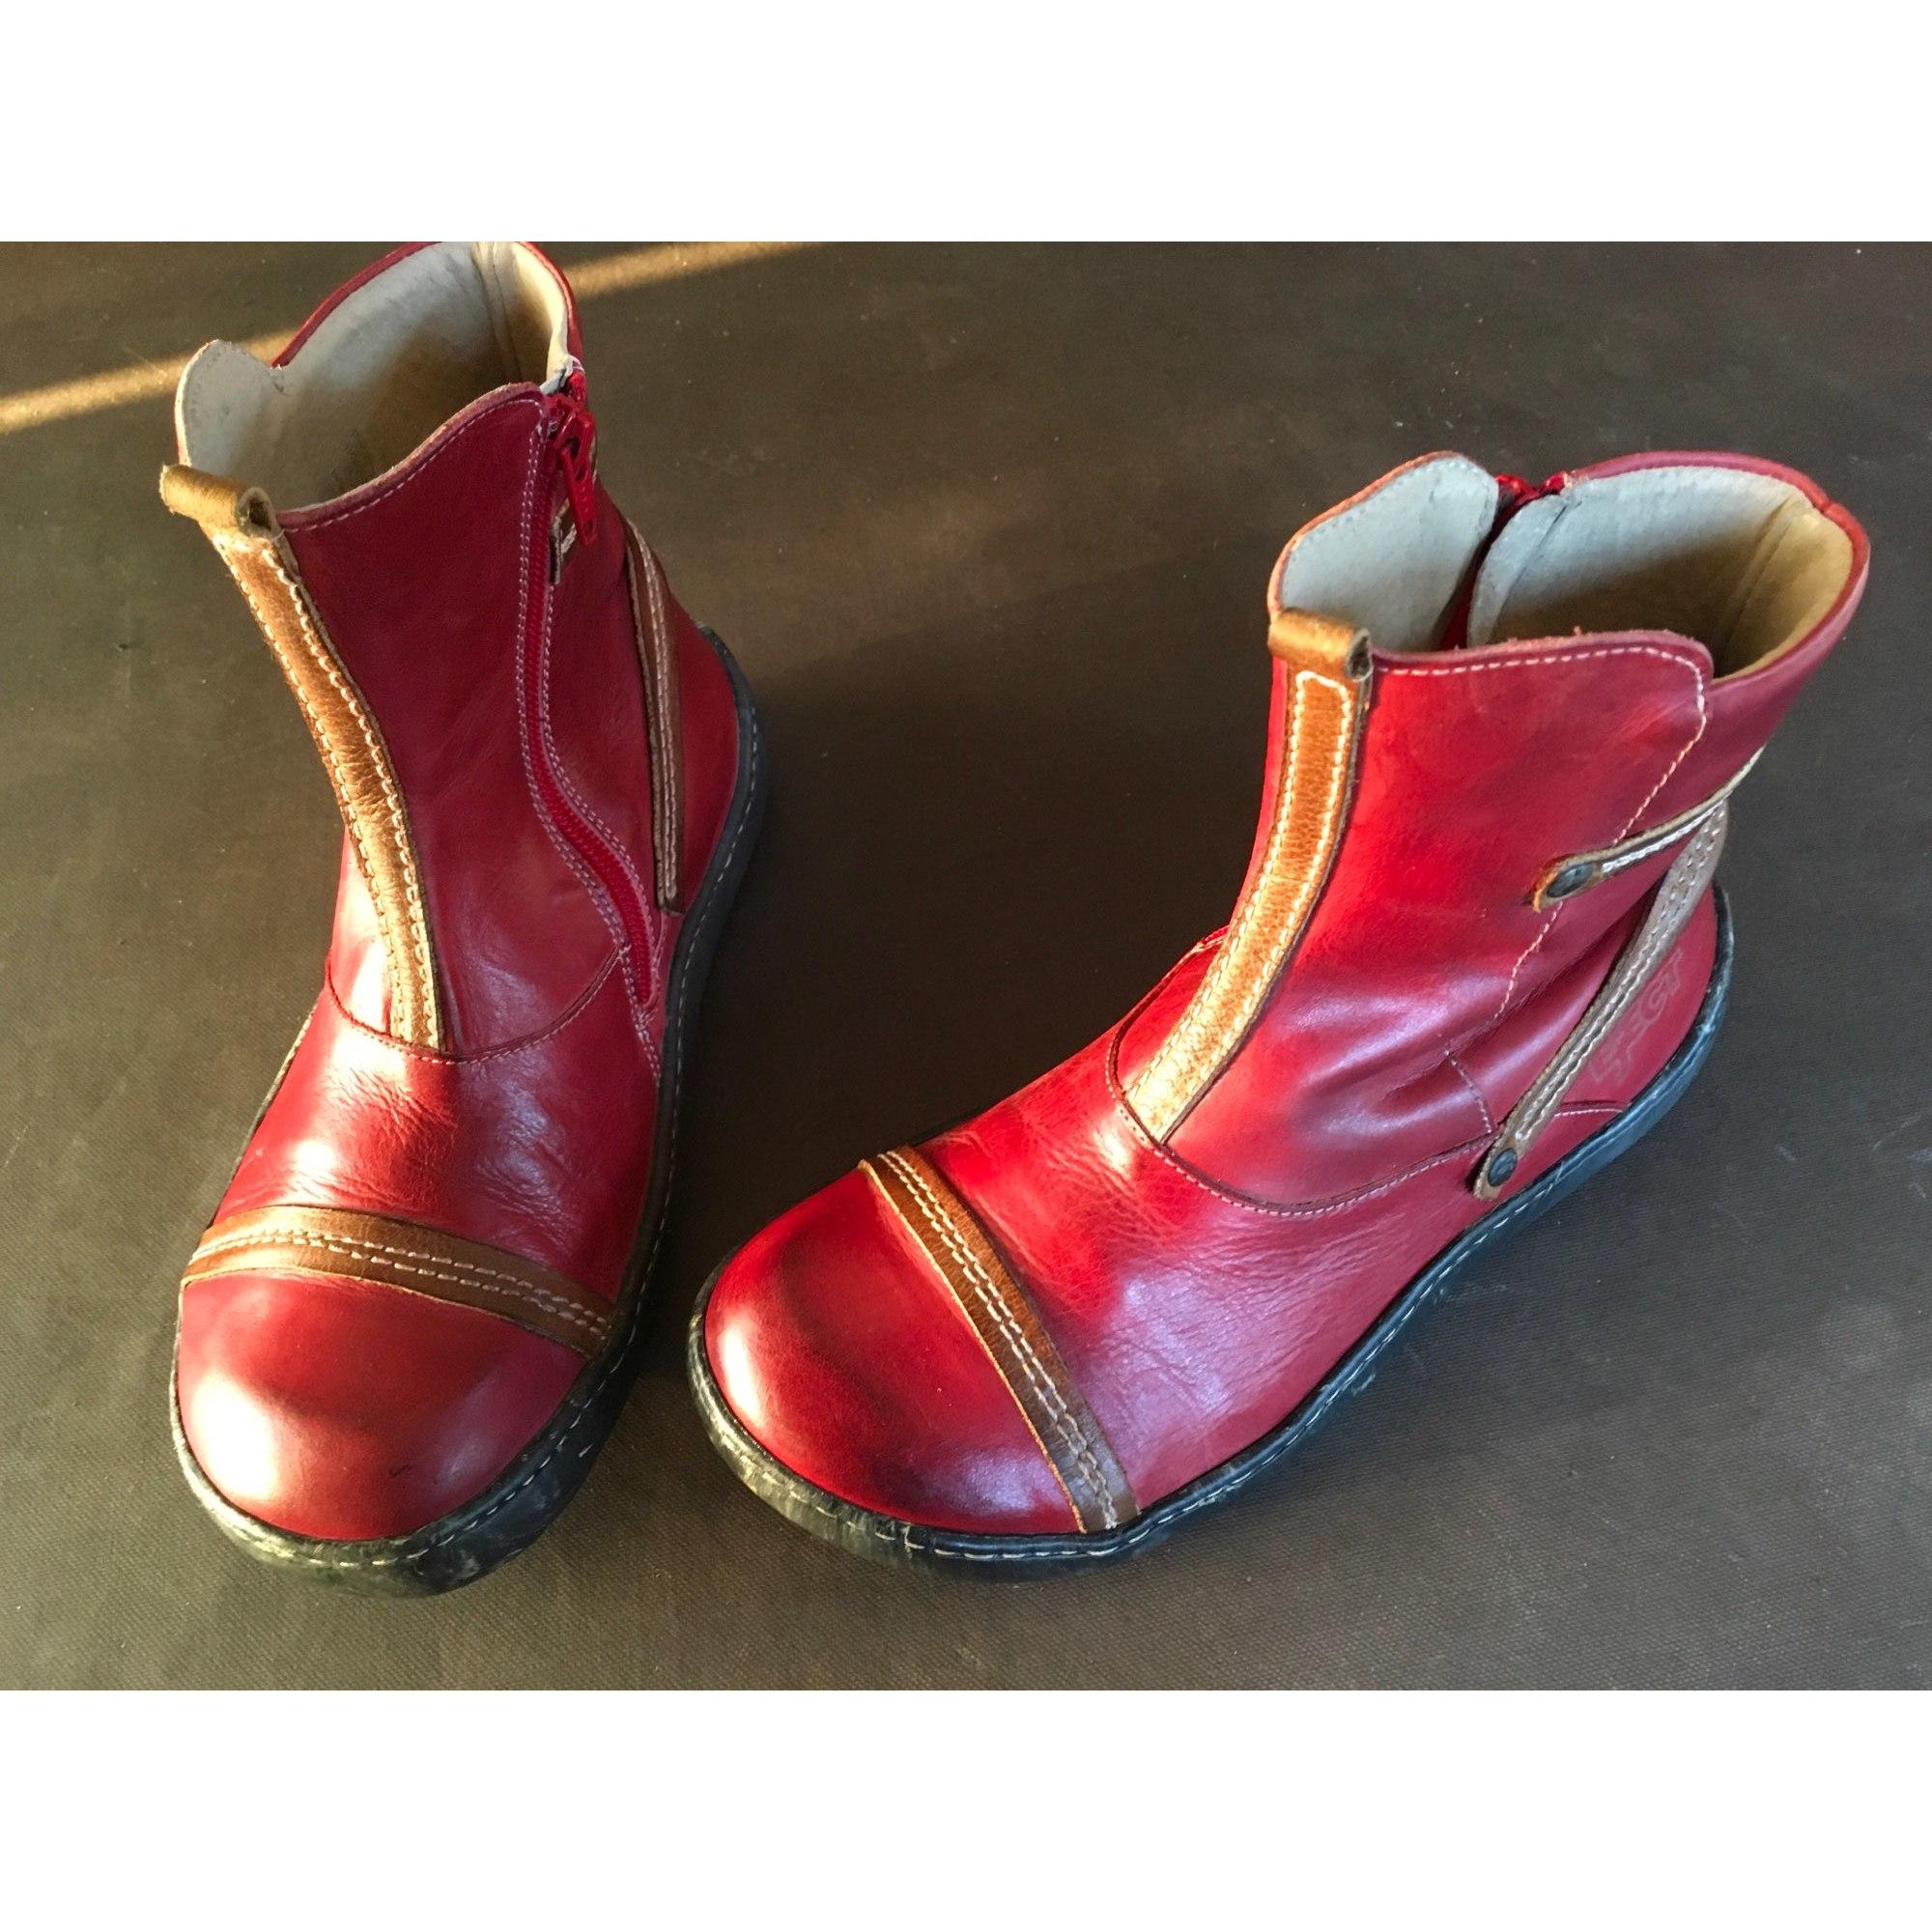 Bottines & low boots plates EJECT Rouge patiné bordeaux